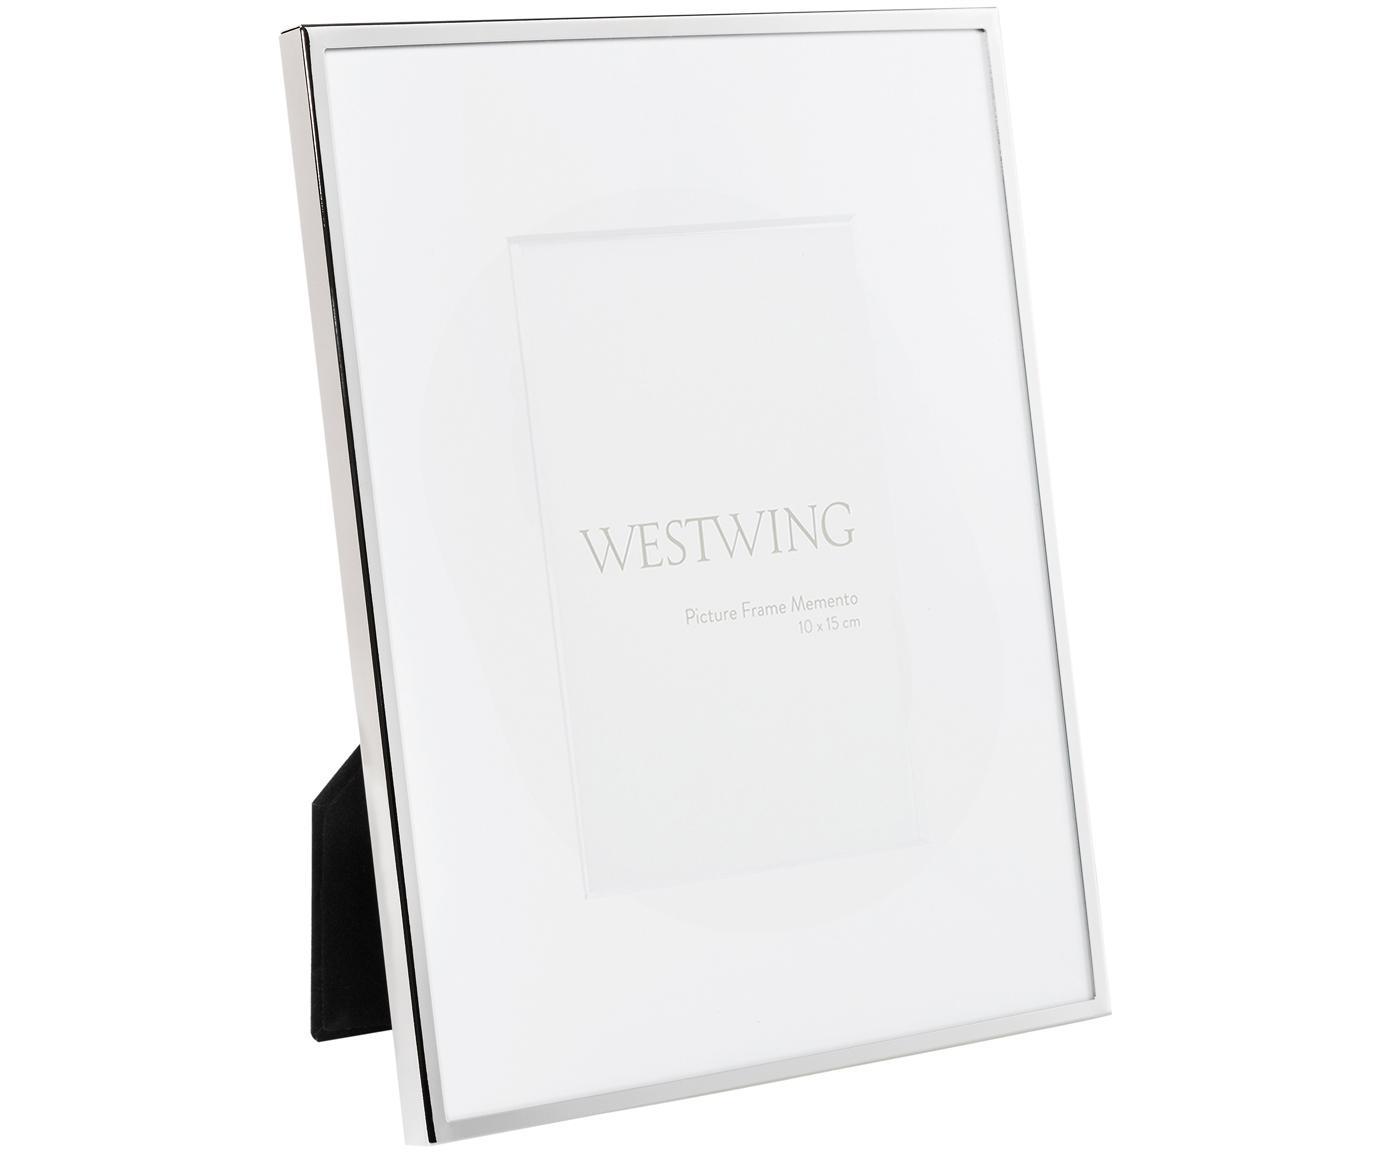 Cornice da tavolo in metallo Memento, Cornice: metallo nichelato, Retro: legno, velluto, Argento, 10 x 15 cm